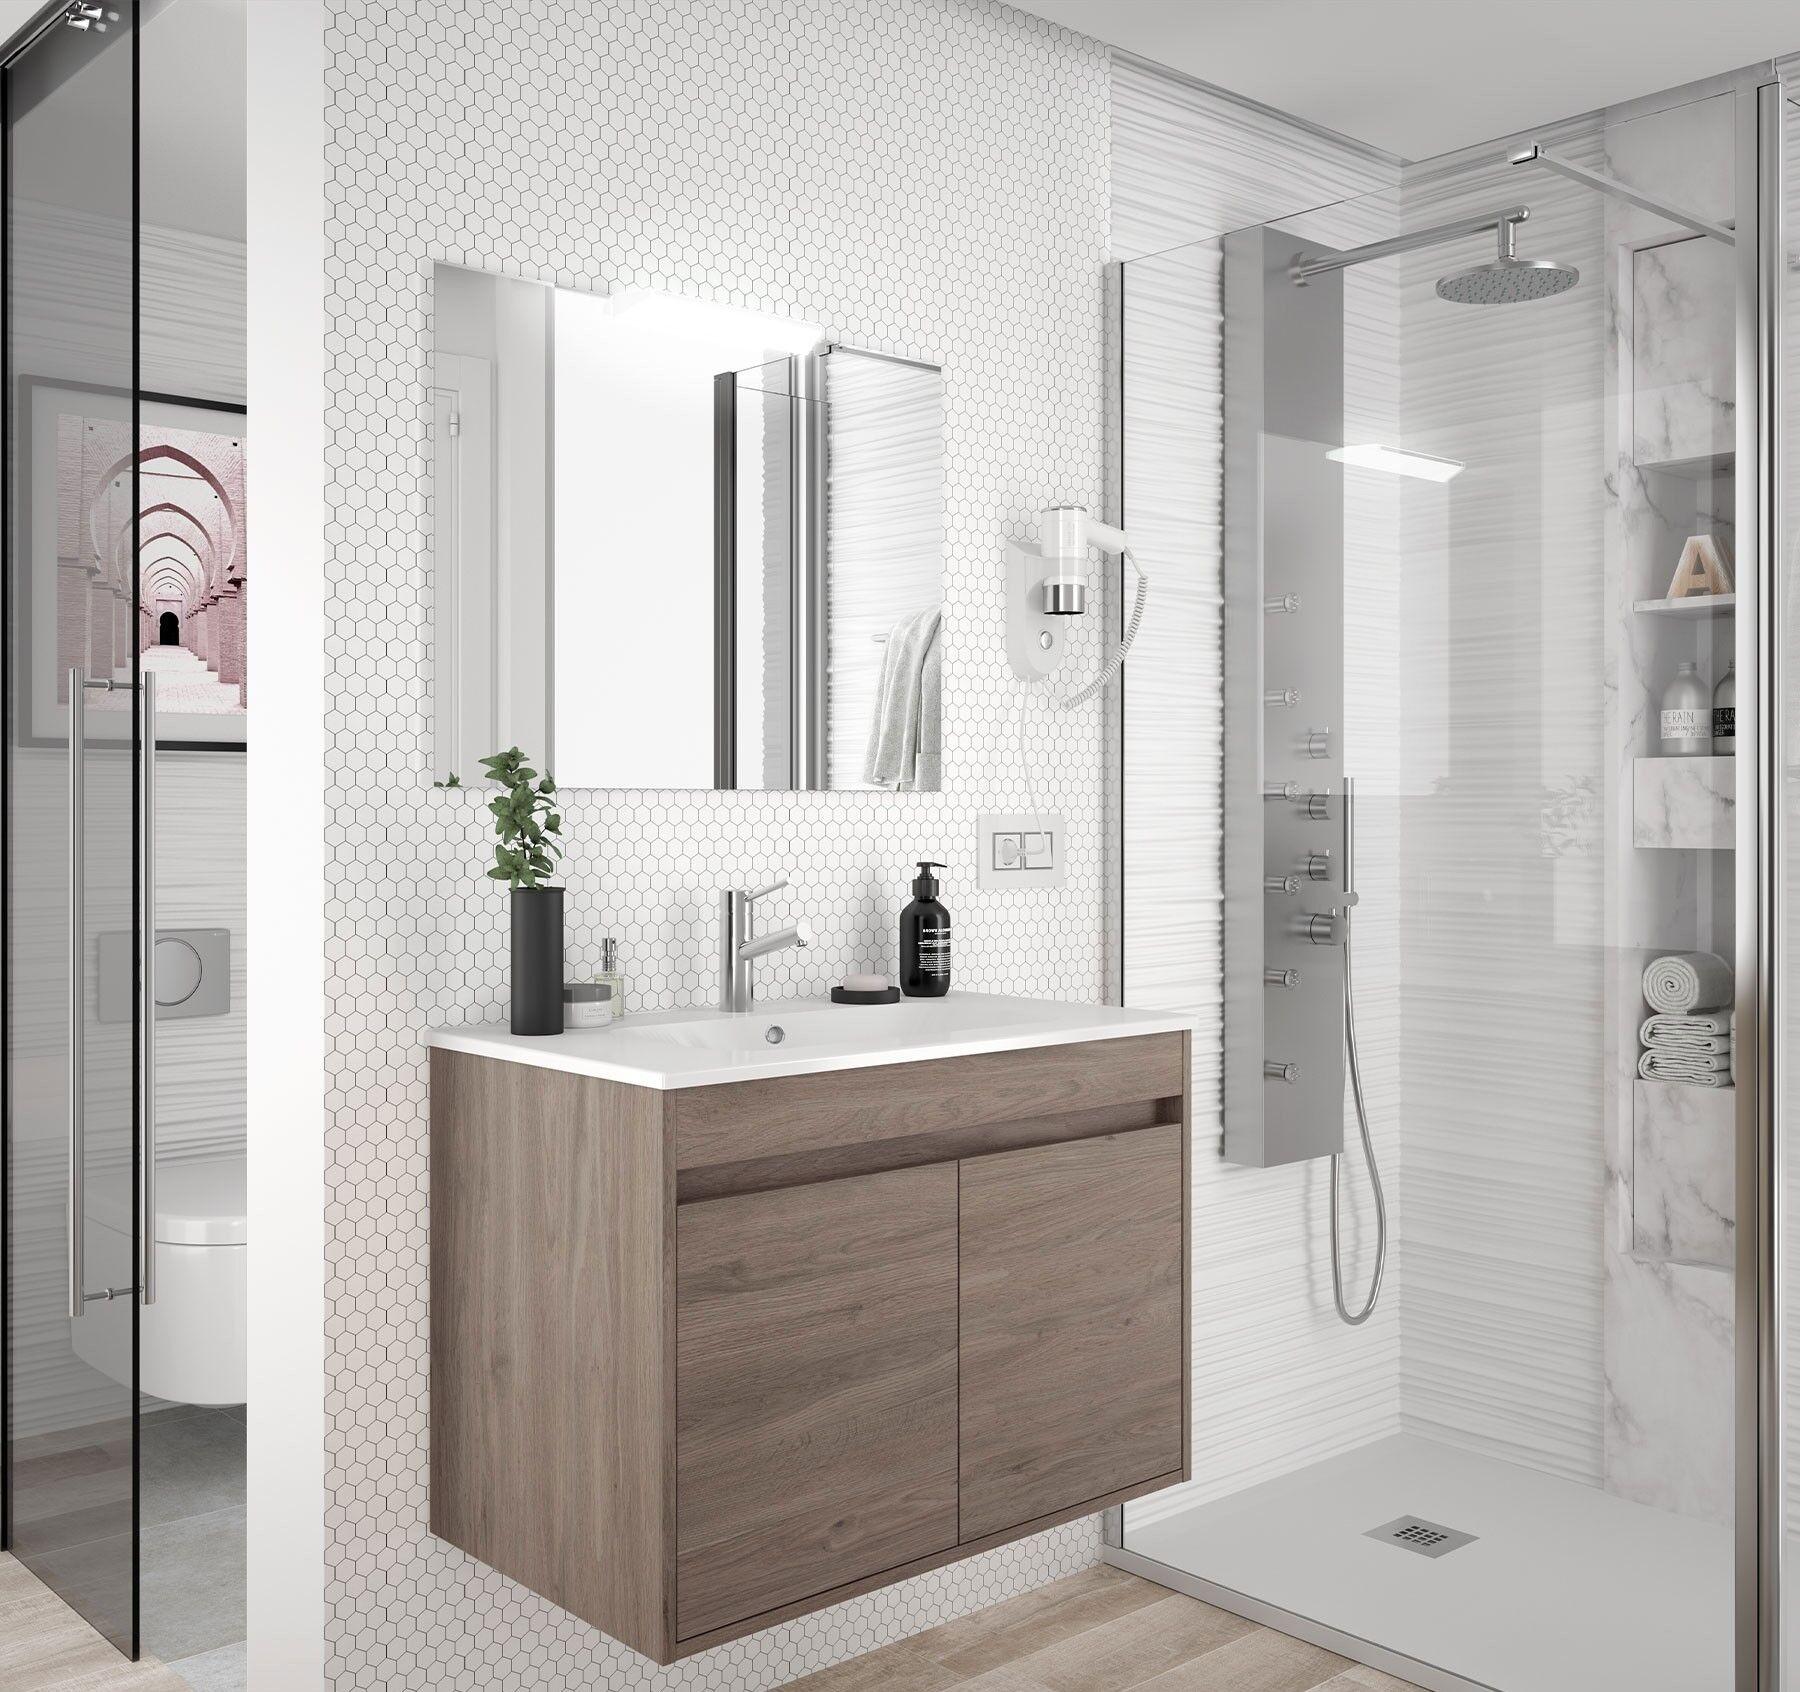 CAESAROO Meuble de salle de bain suspendu 80 cm Chêne eternity avec deux portes   80 cm - Avec double colonne, miroir et lampe à LED